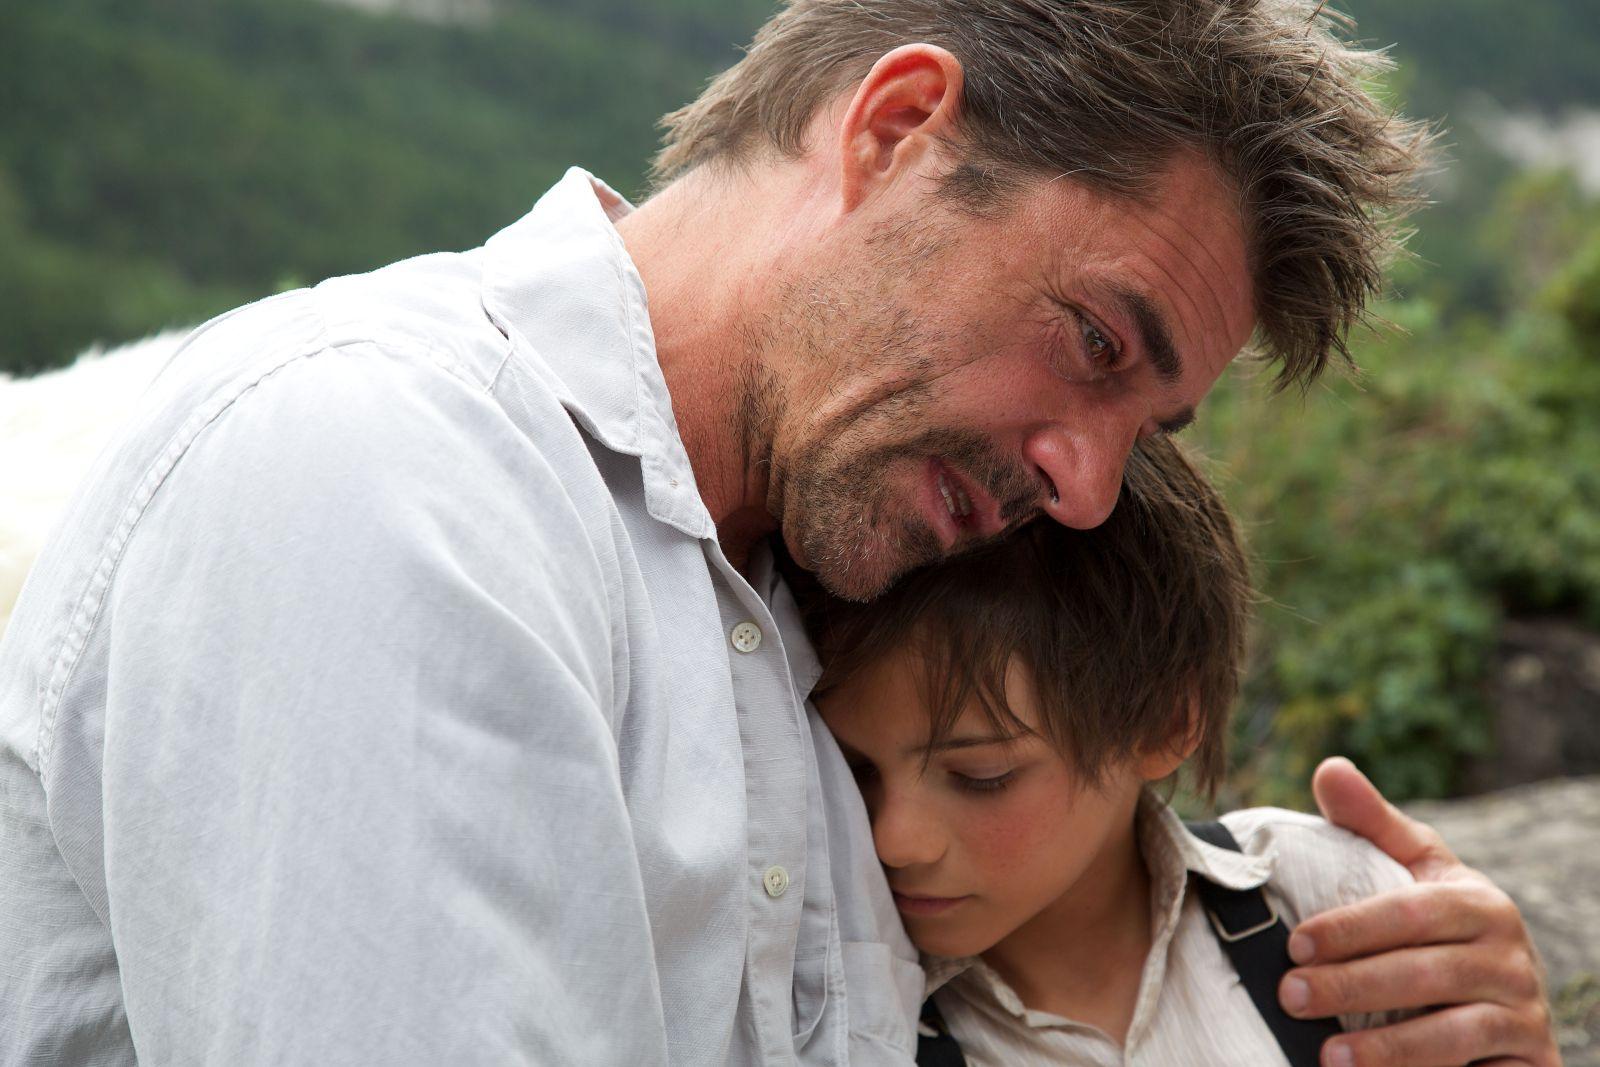 Belle & Sebastien - L'avventura continua: Félix Bossuet e Thierry Neuvic in una scena del film